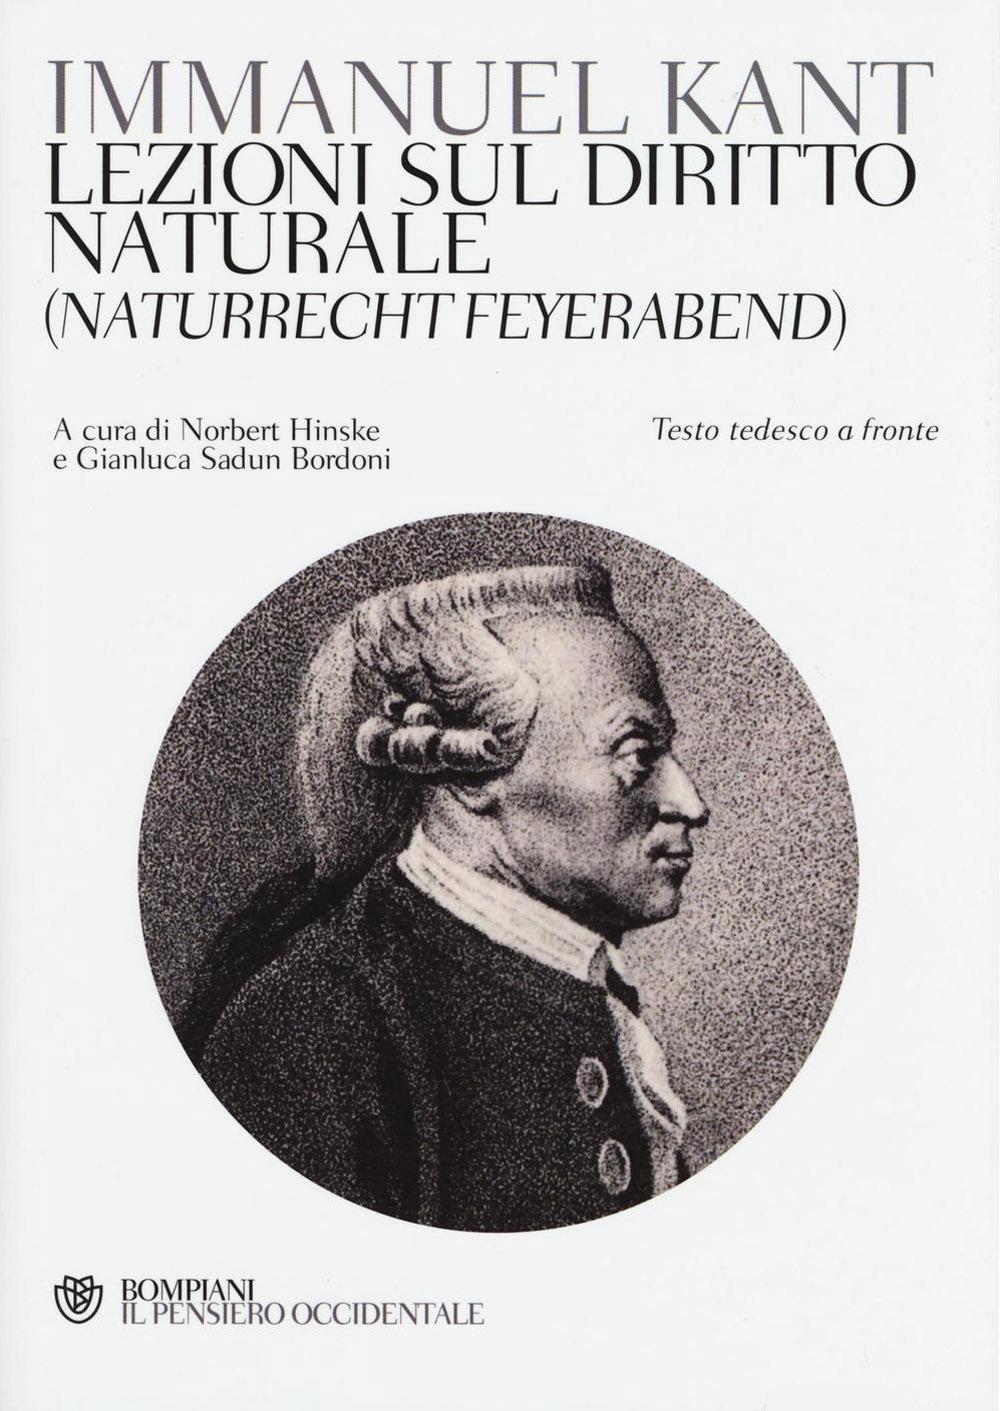 Lezioni sul diritto naturale (Naturrecht Feyerabend). Testo tedesco a fronte